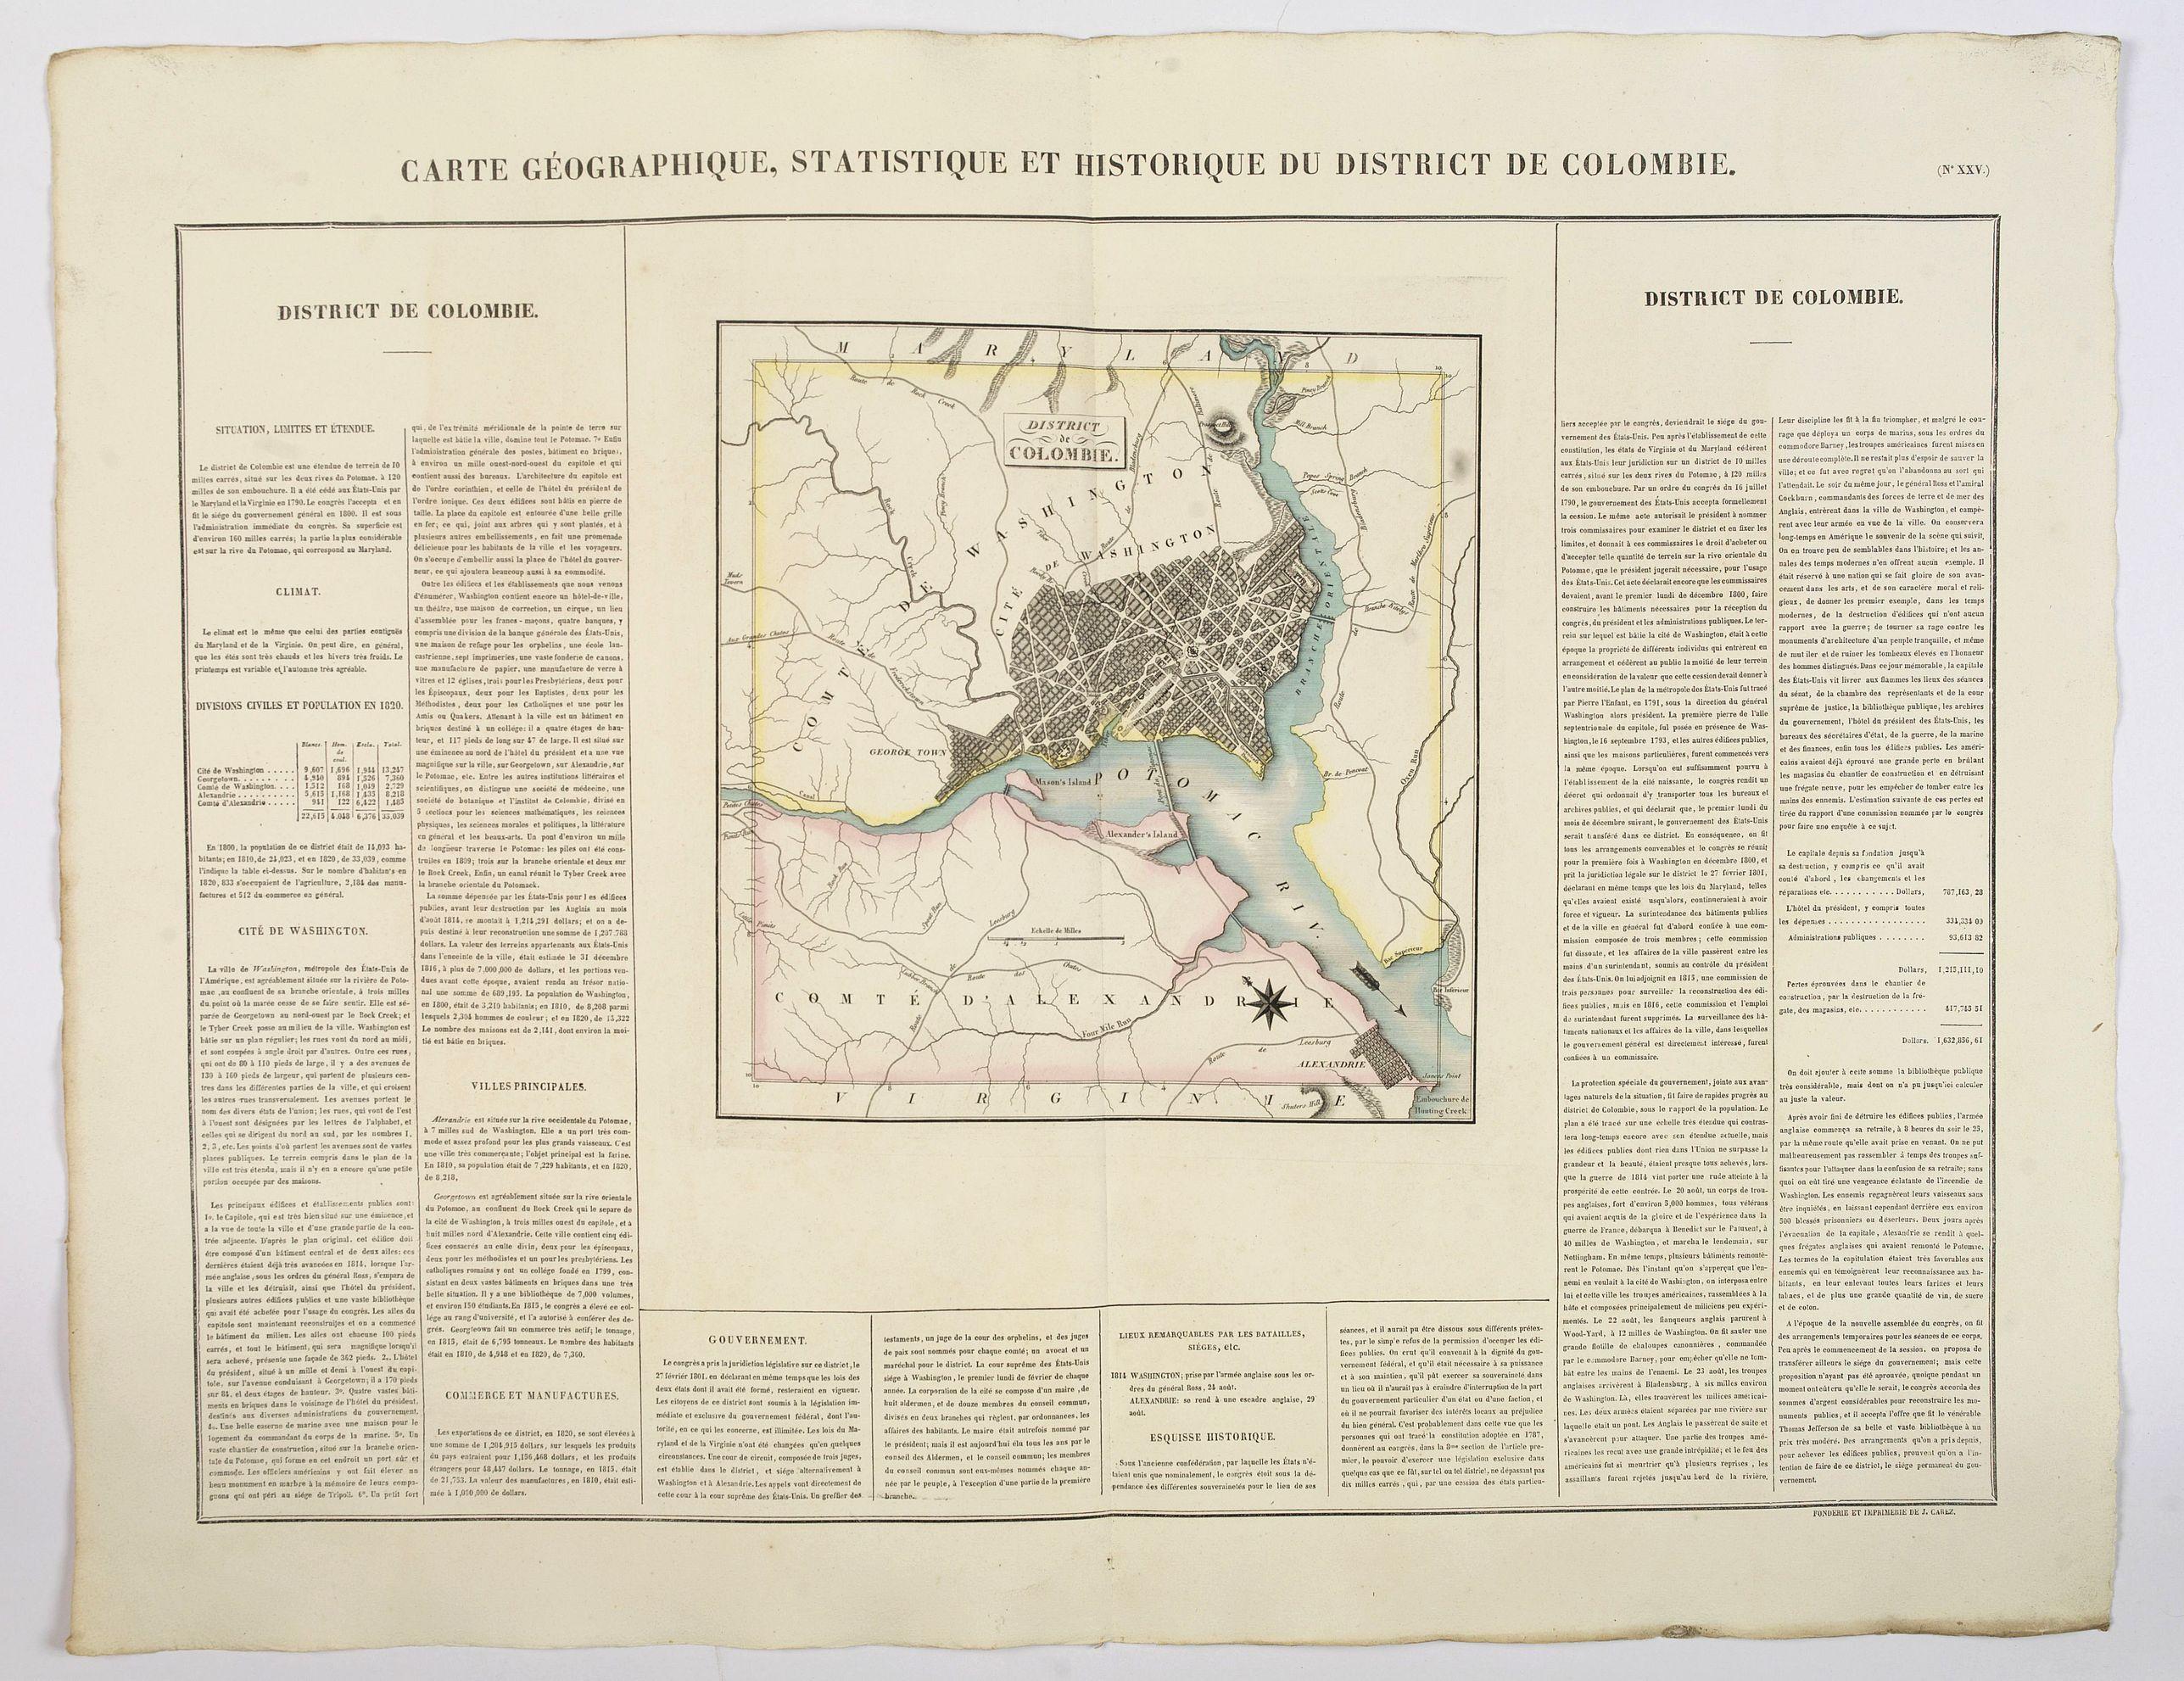 BUCHON, J.A. -  Carte Geographique, Statistique ey Historique du District de Colombie.